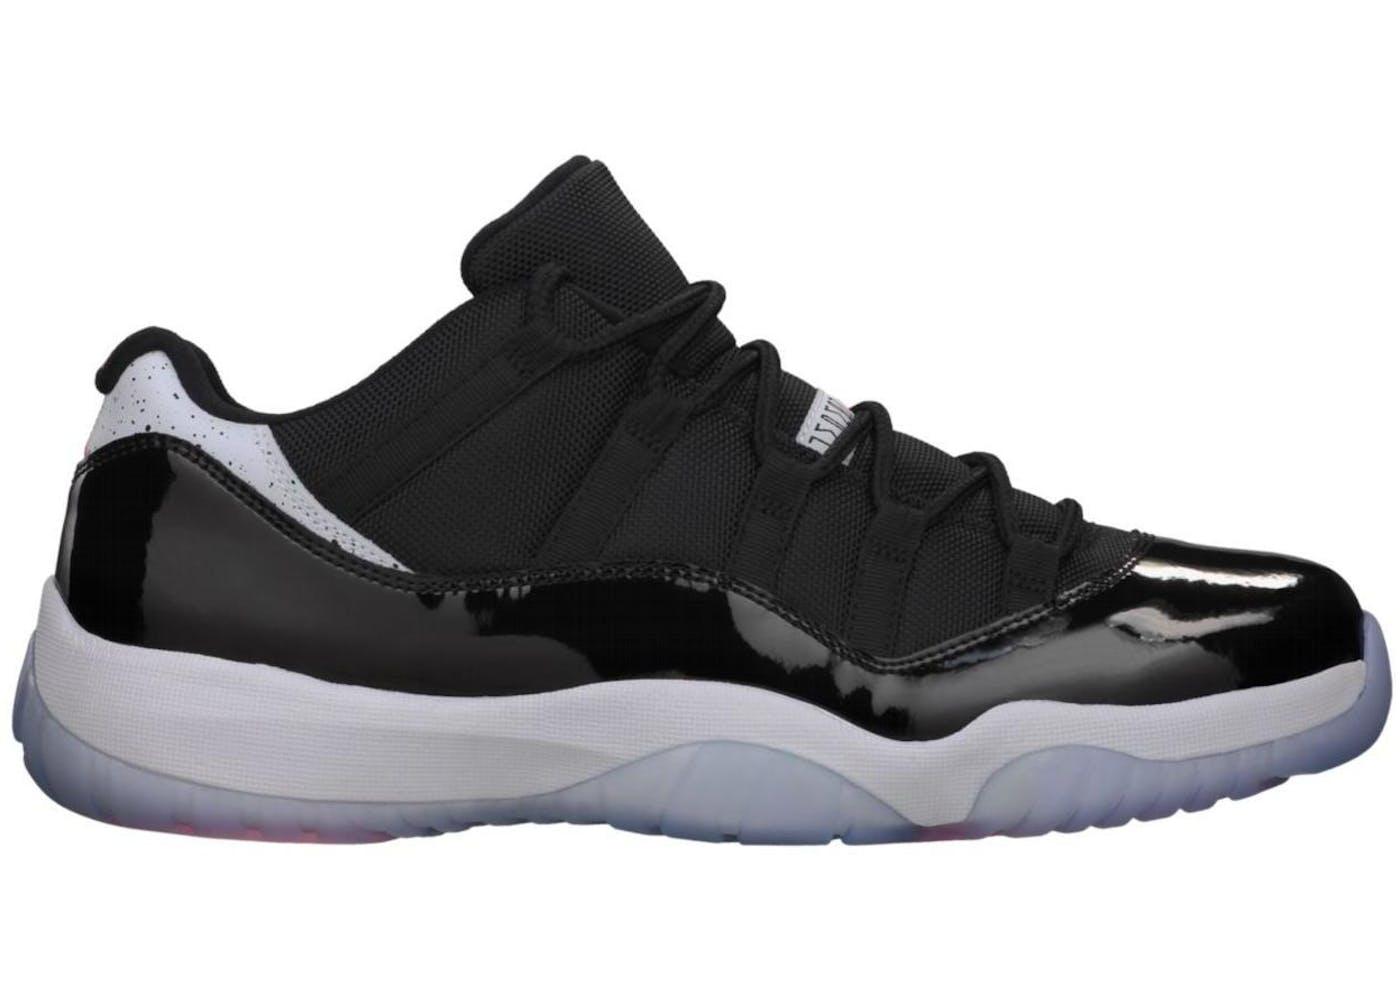 364b6af0e152 air jordan 3 infrarojo 23 kopen sneakerwholesale